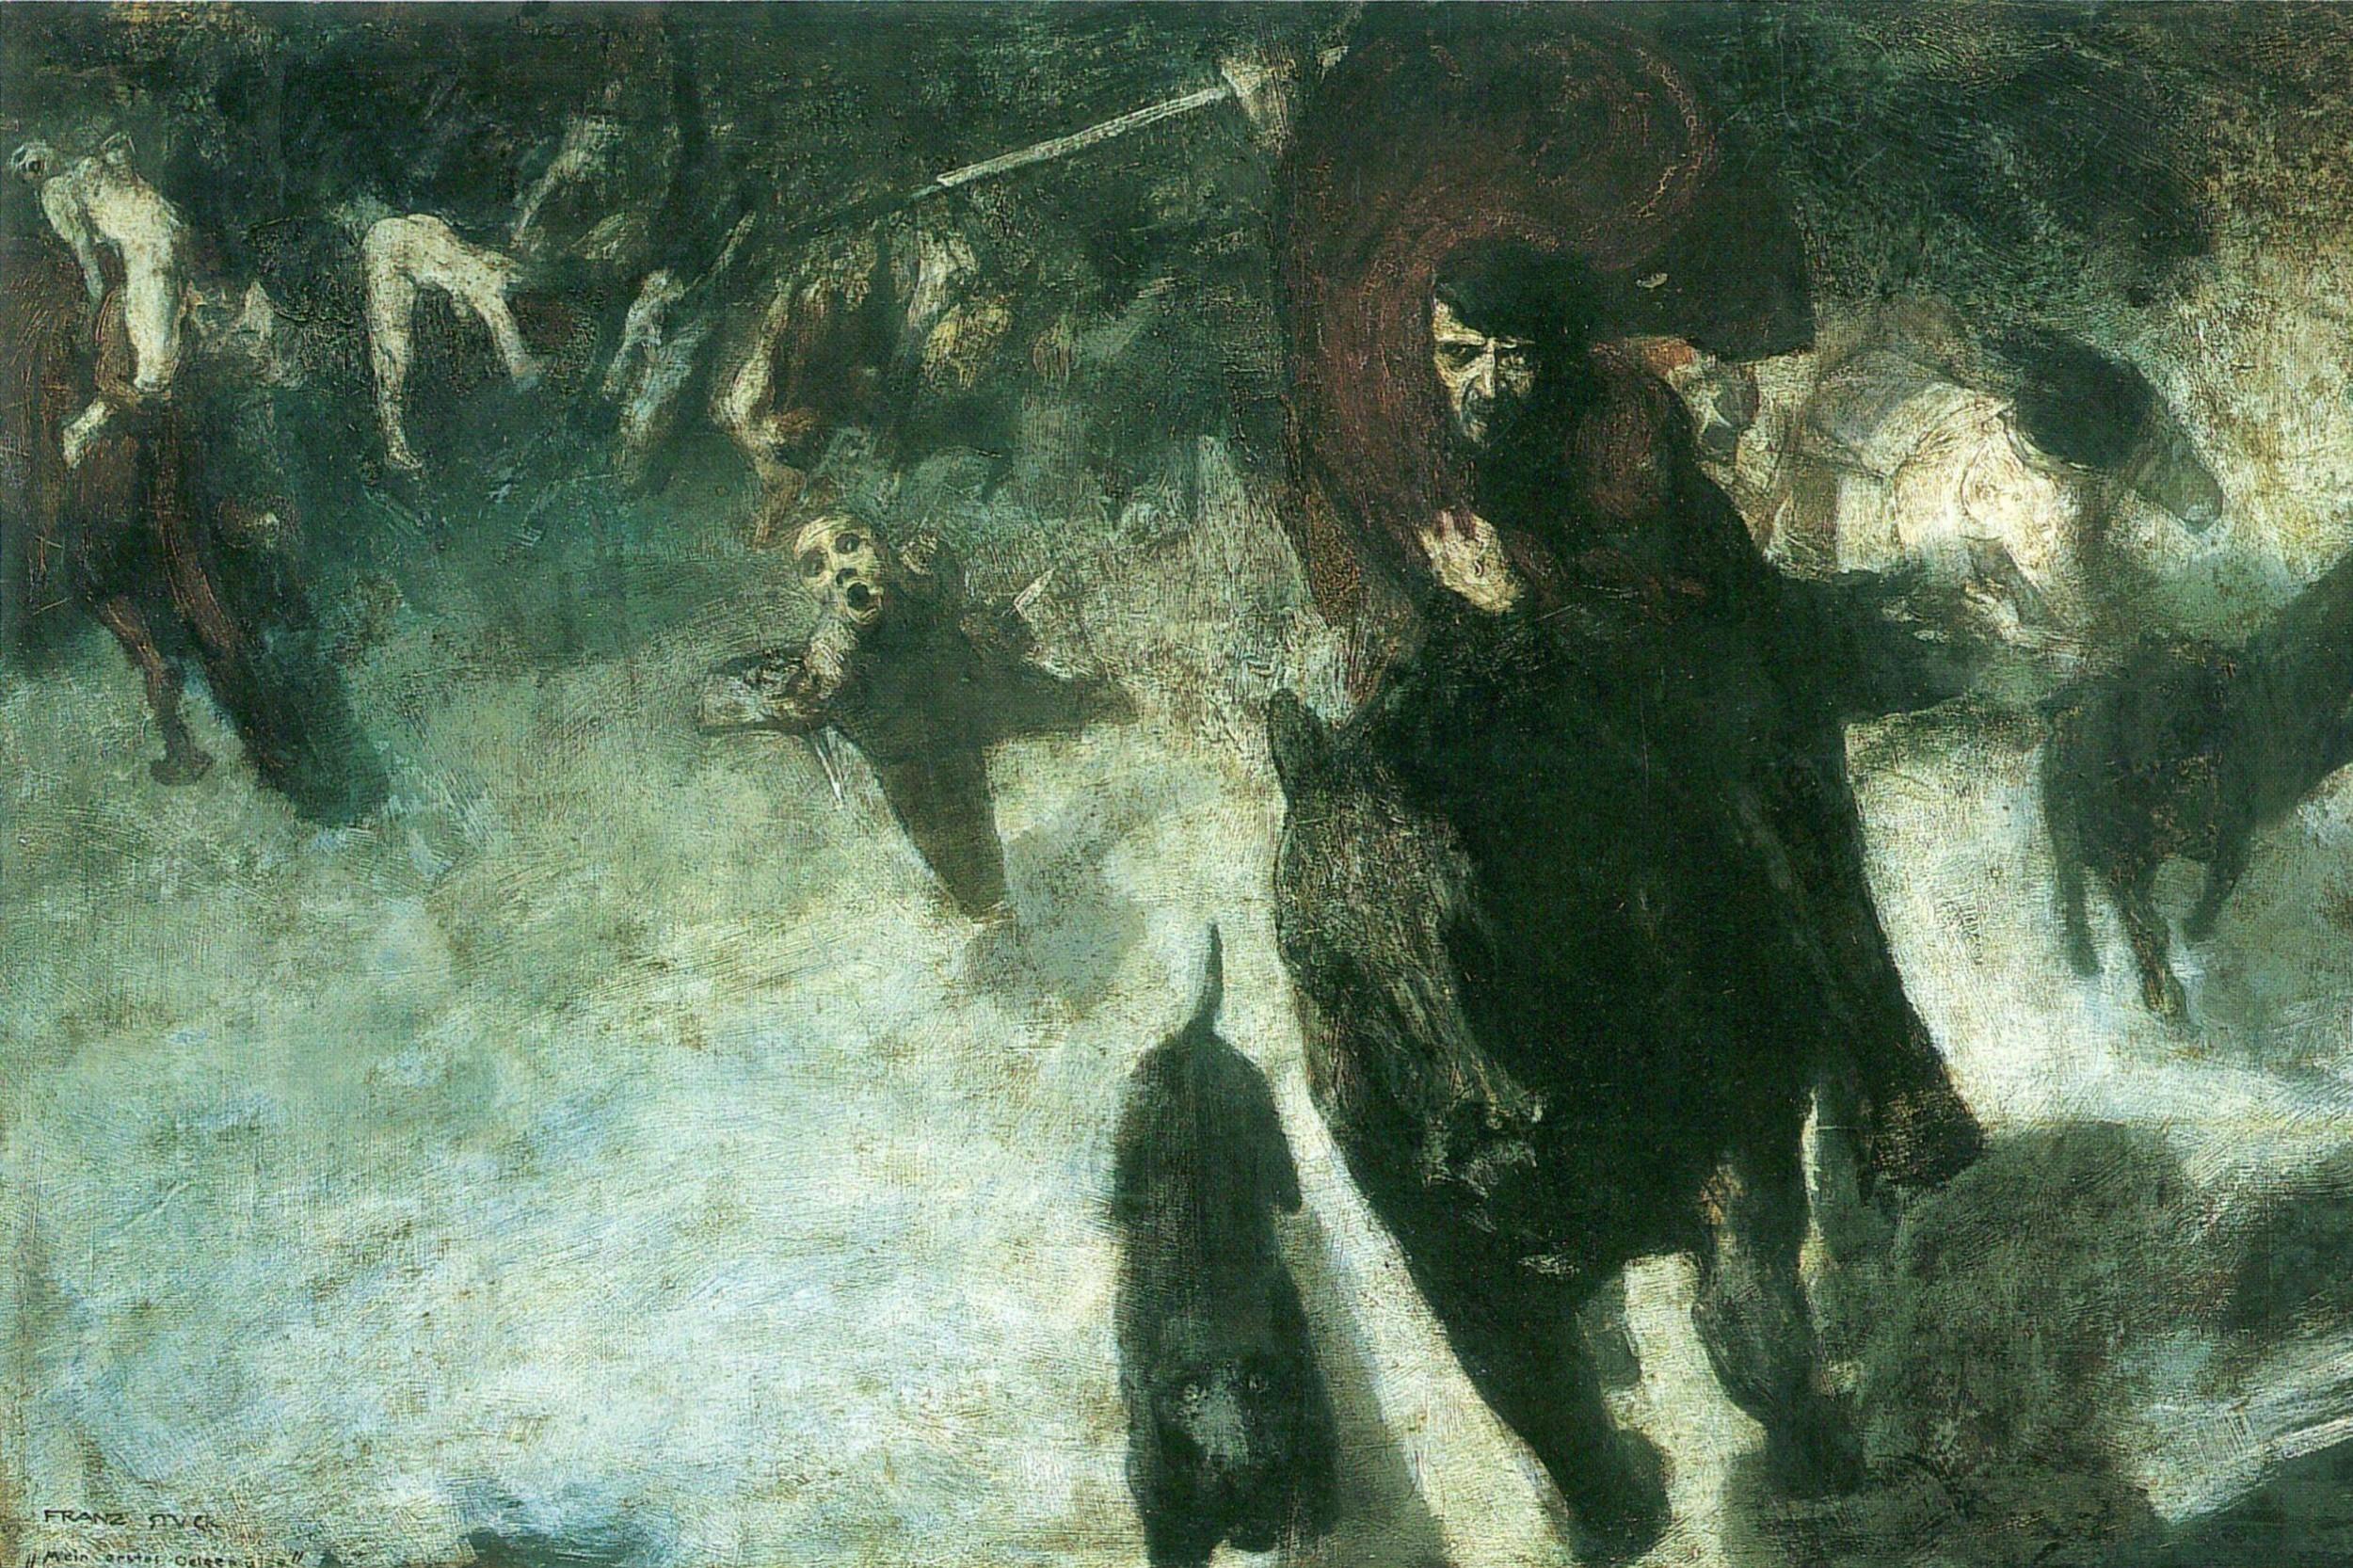 """Jedna od najpoznatijih slika Franca fona Štuka, """"Divlja potera"""" na kojoj je prikazan Votan (Odin) koji vodi povorku mrtvih, 1889. (Foto: i.imgur.com)"""